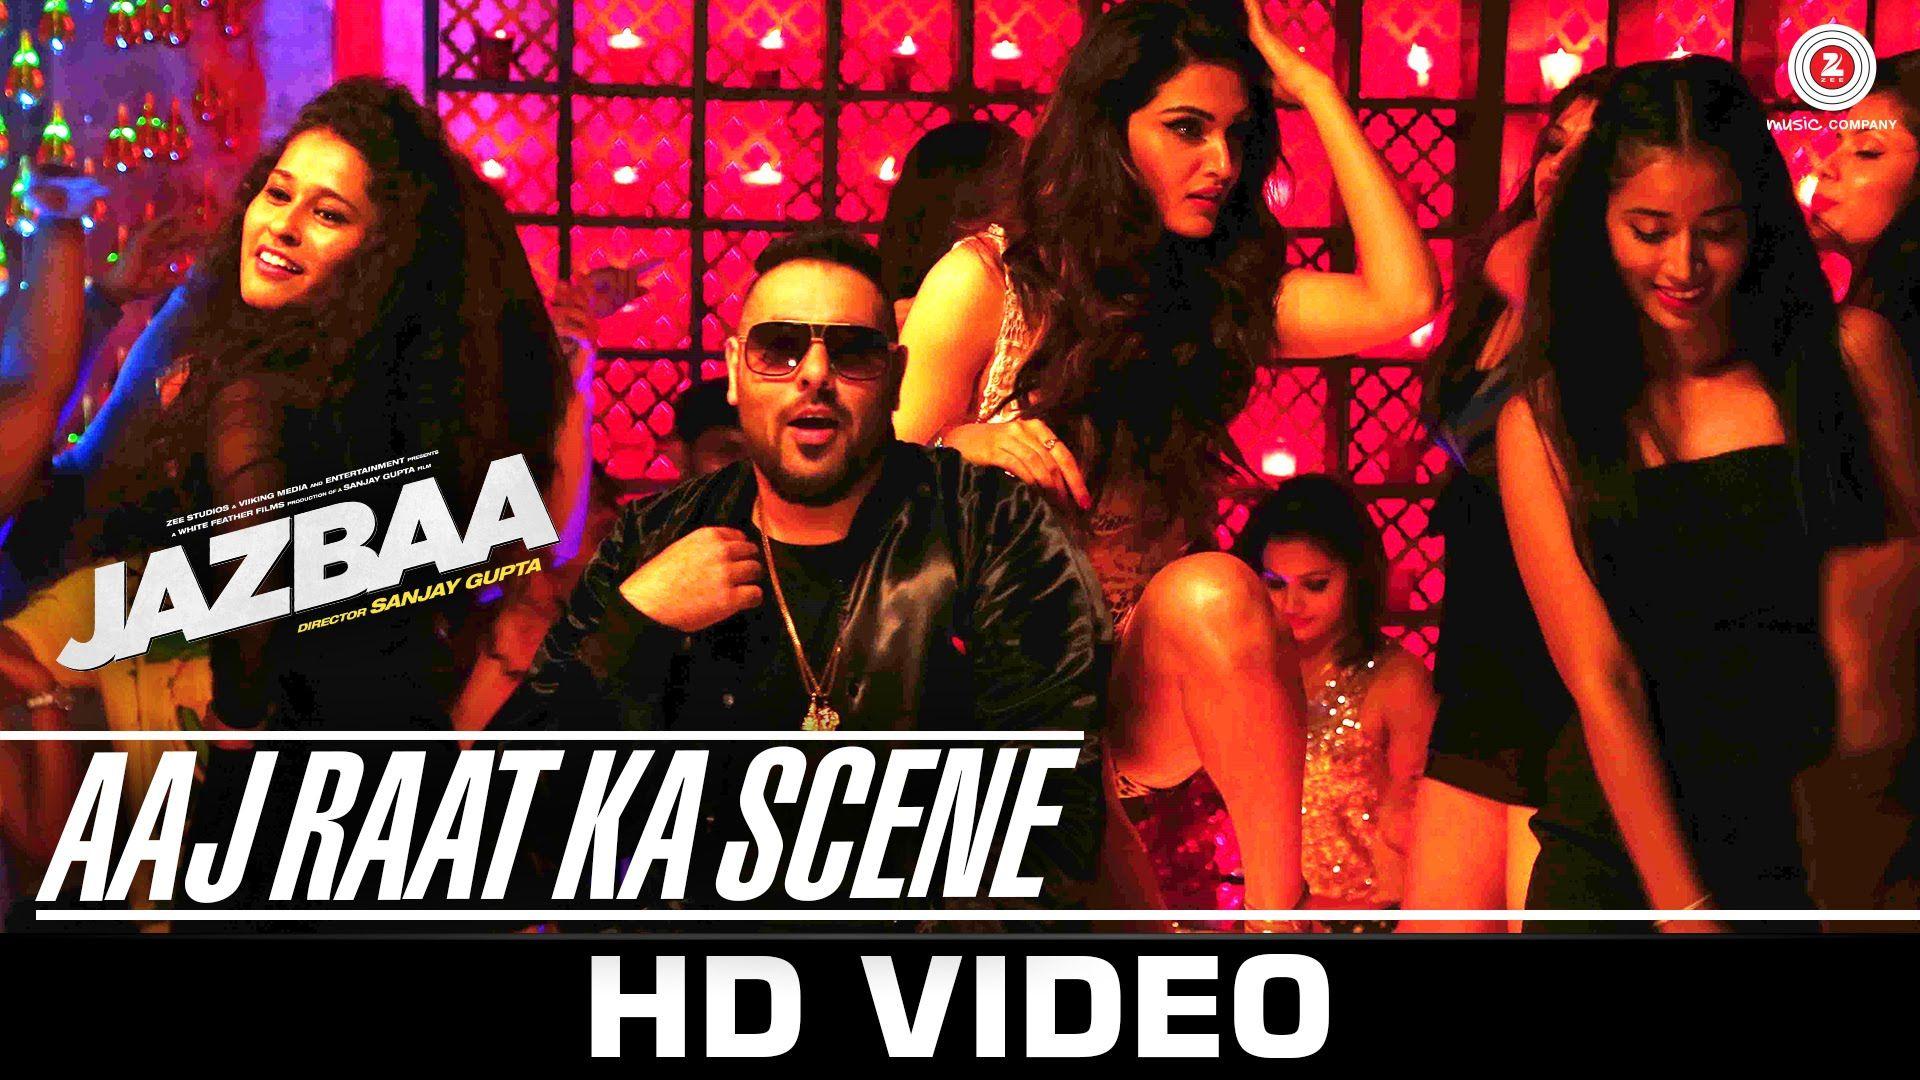 Presenting Jazbaa 39 S Official Video Aaj Raat Ka Scene Composed By Badshah Title Aaj Raat Ka Scene Music Amp Lyr Bollywood Movie Songs Movie Songs Songs